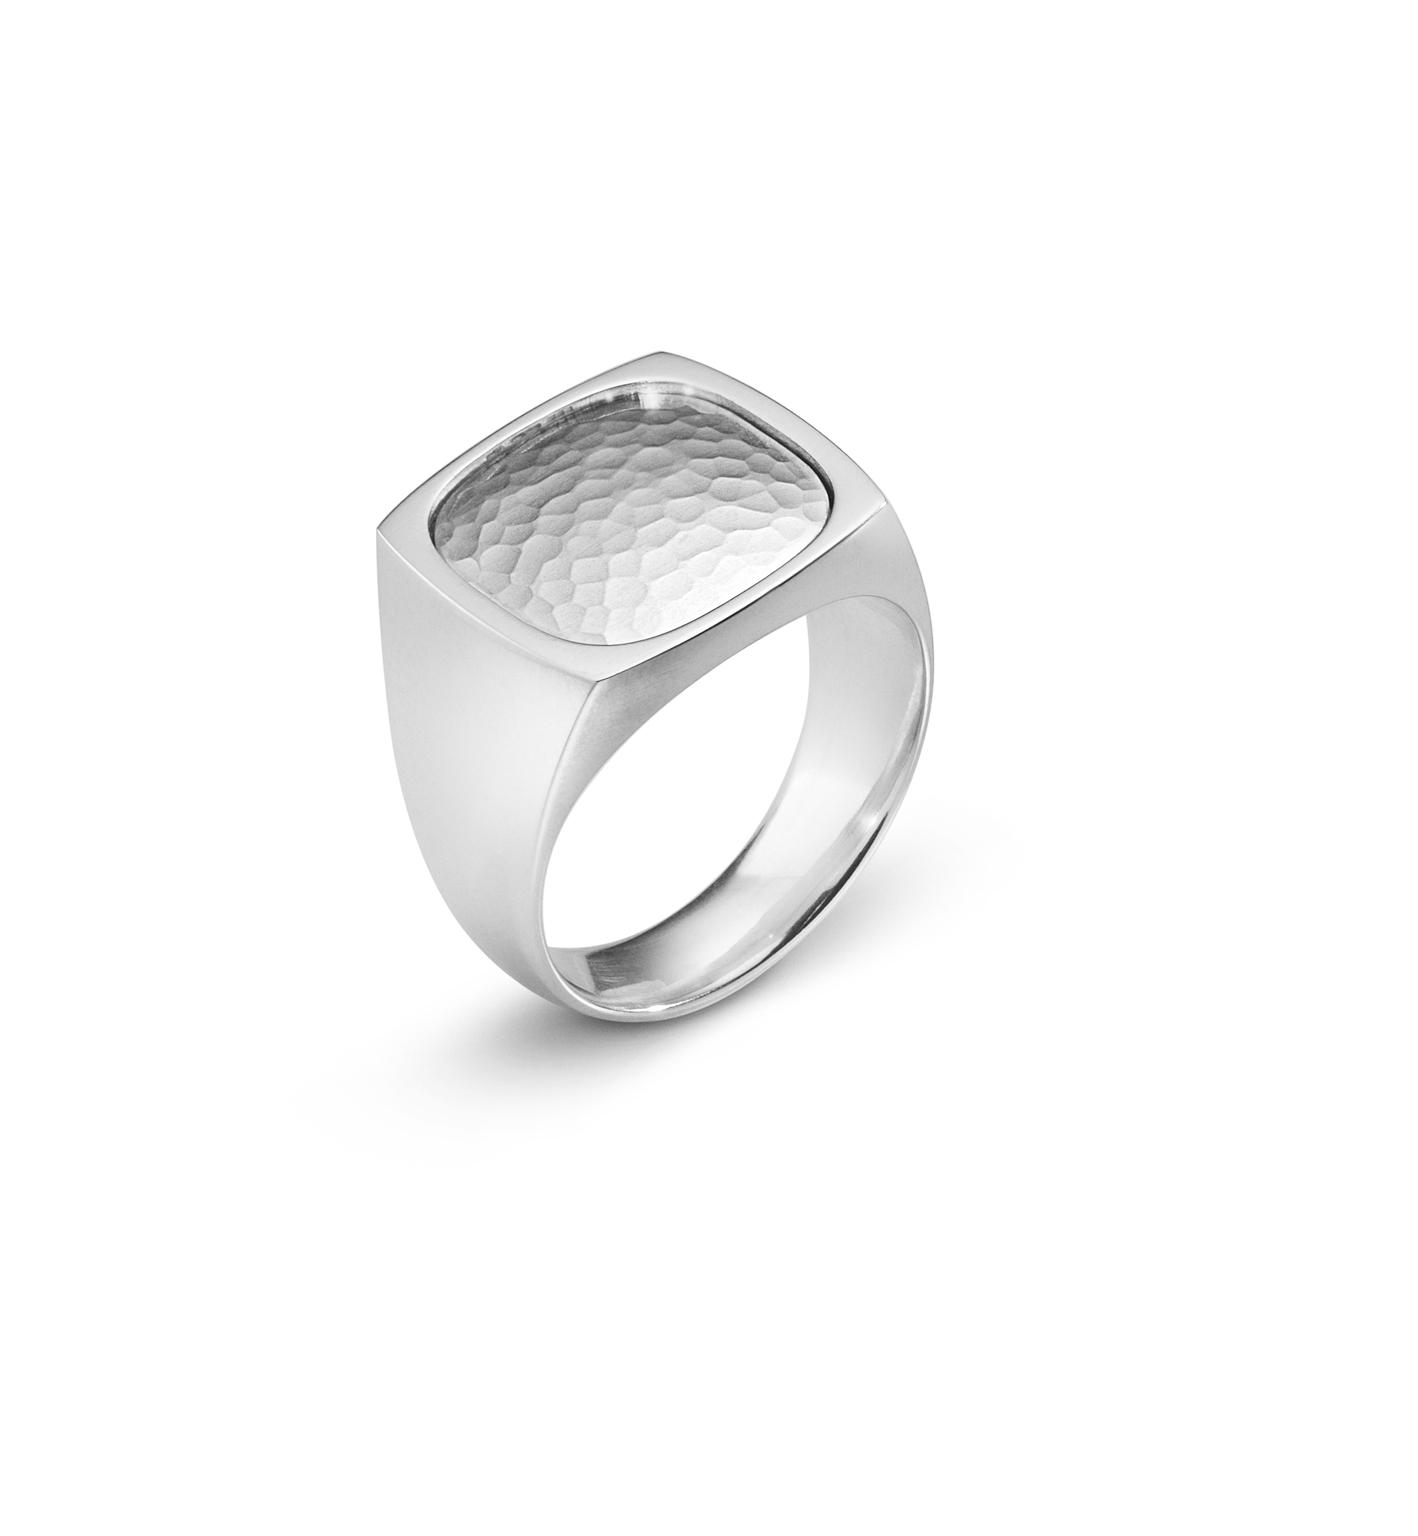 Georg Jensen SMITHY ring - 3560580 Størrelse 60